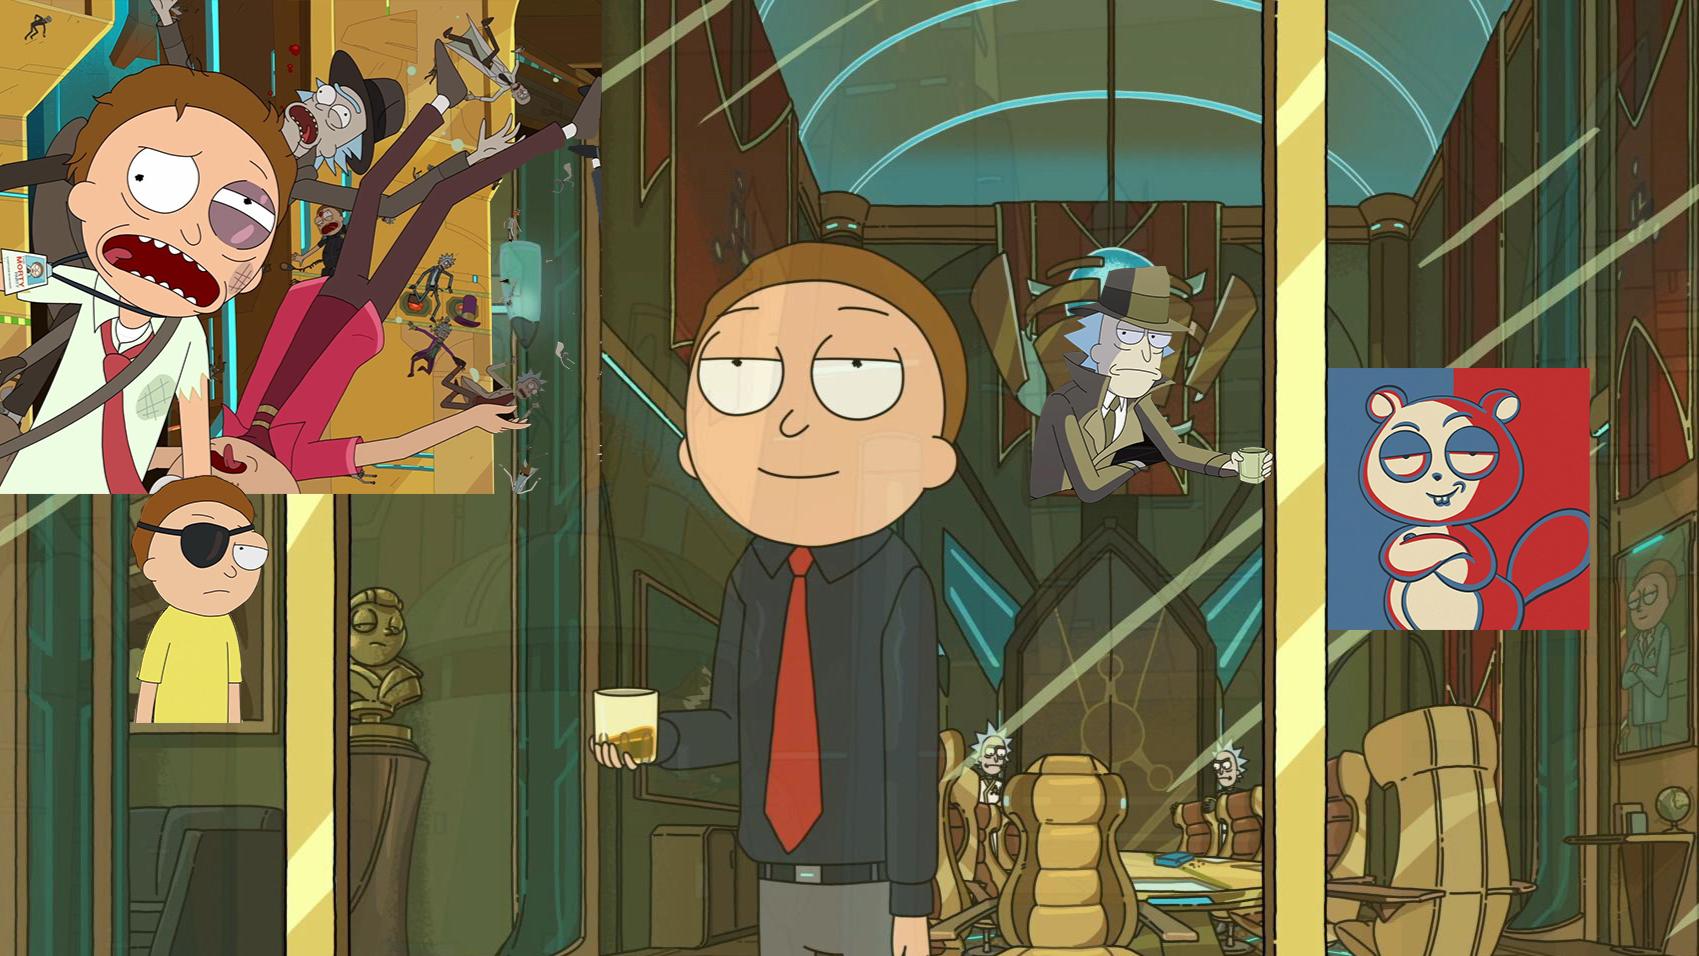 人类动画精华!《瑞克和莫蒂》单集剧情封神,关于世界症结